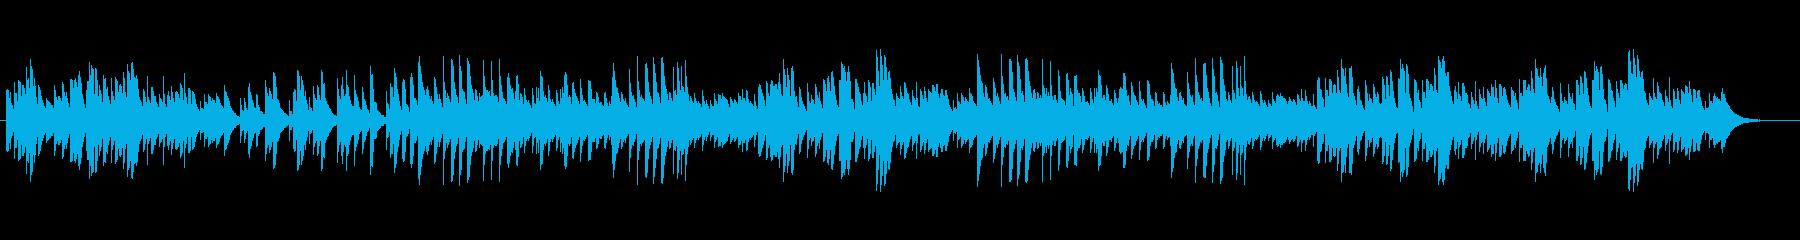 オルゴールのリラクゼーションミュージックの再生済みの波形